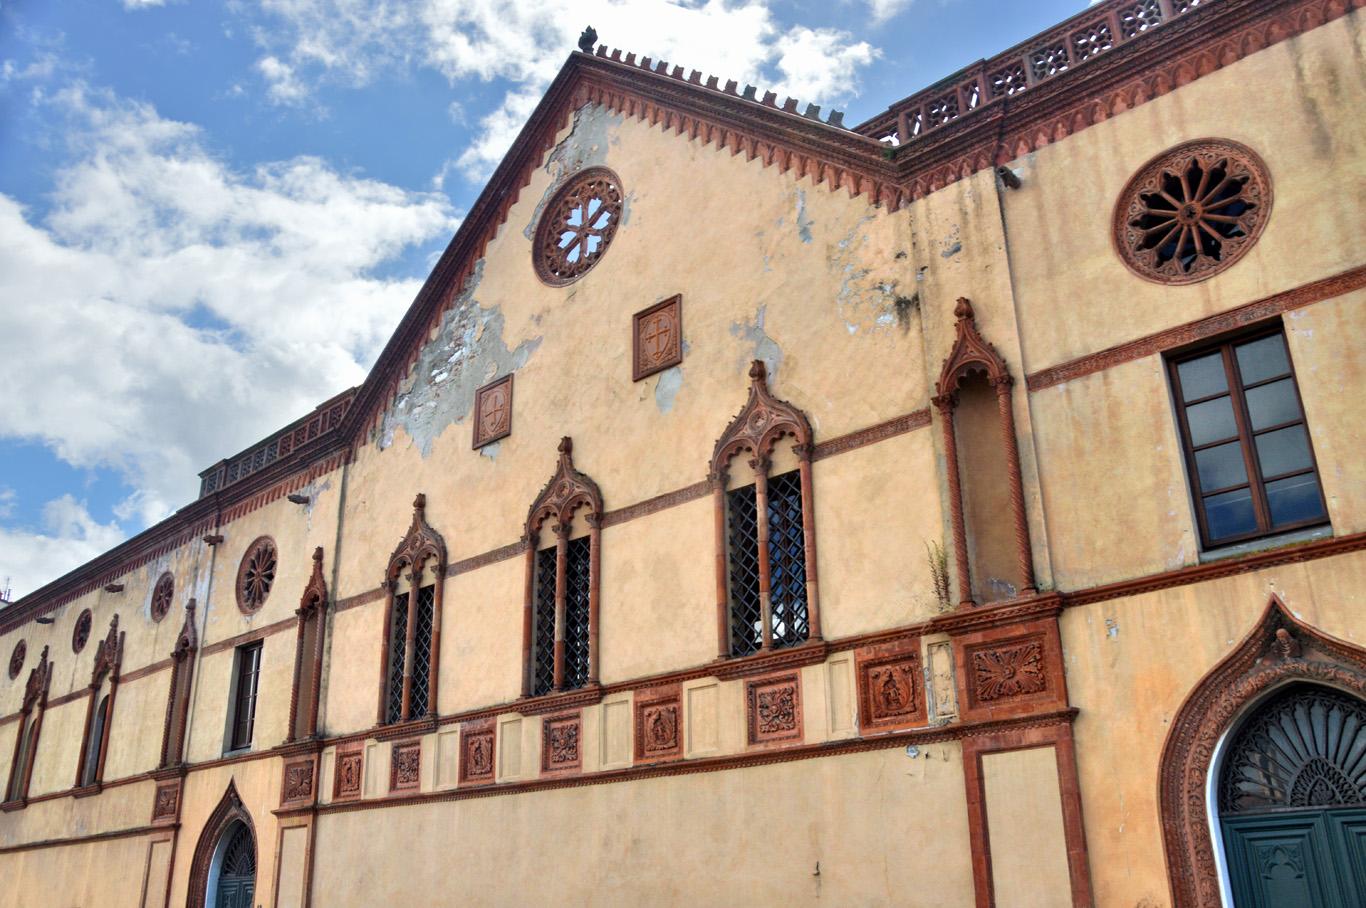 Neglected building in Pisa